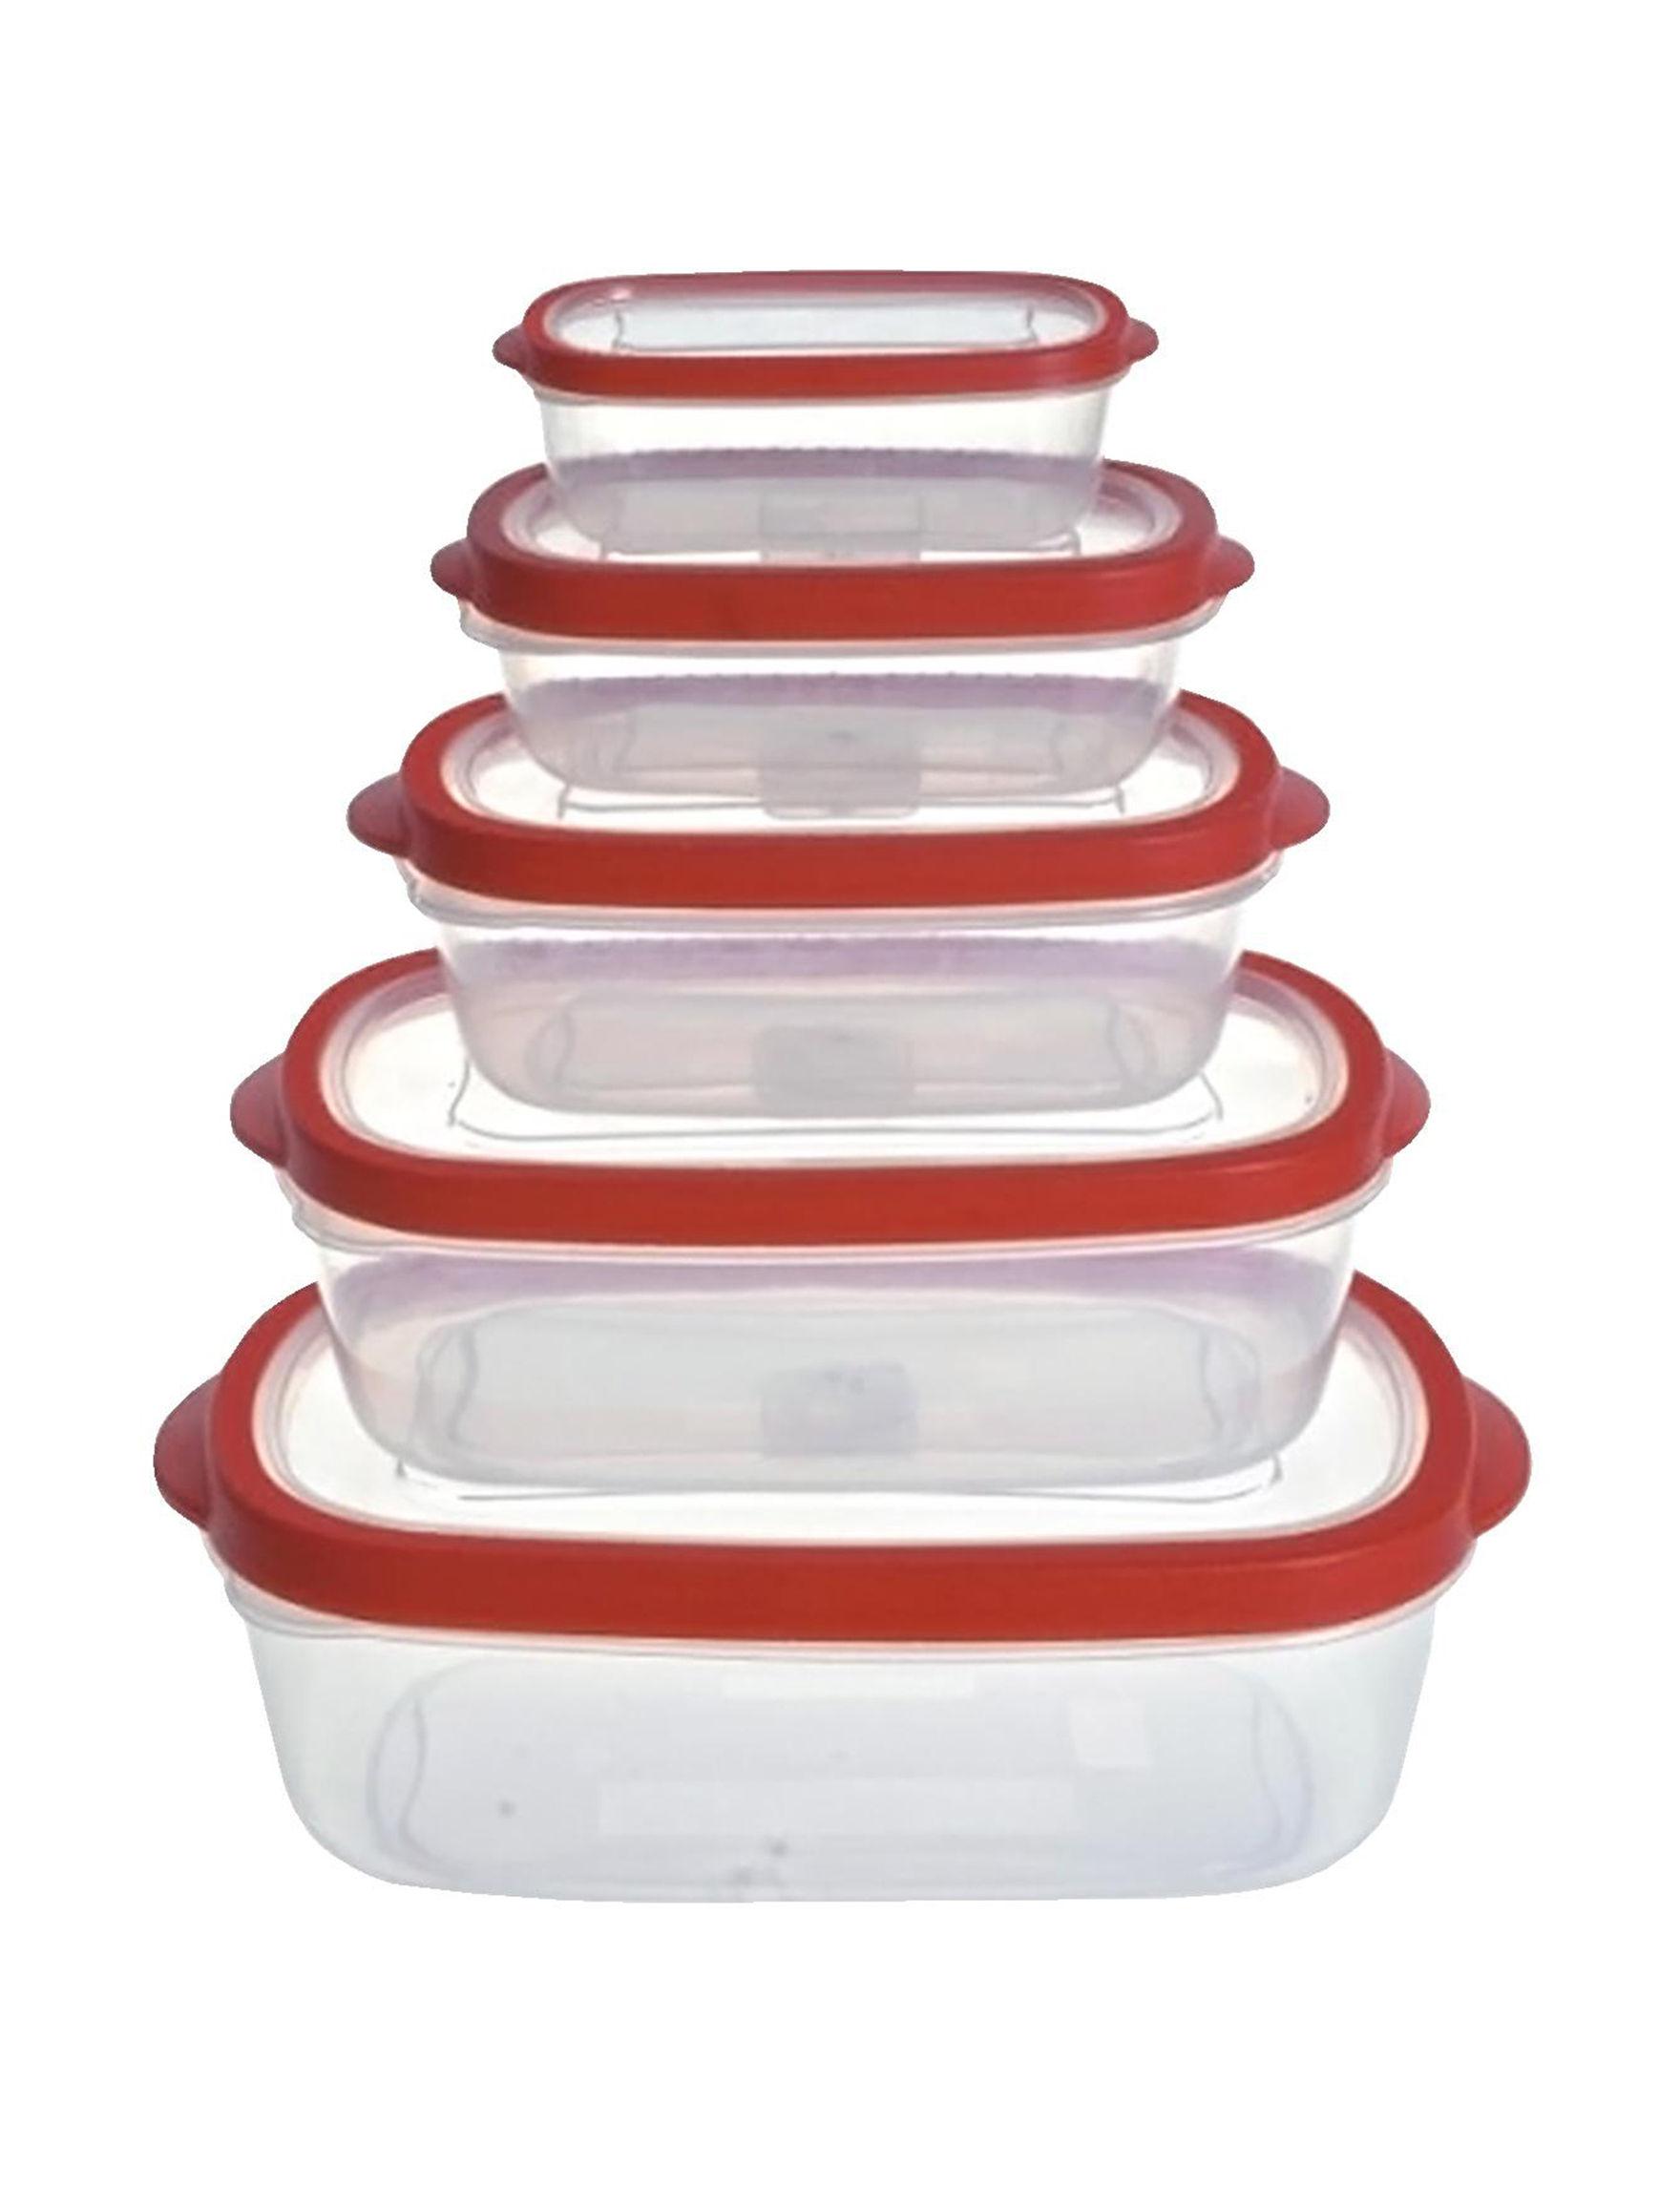 Farberware Red Kitchen Storage & Organization